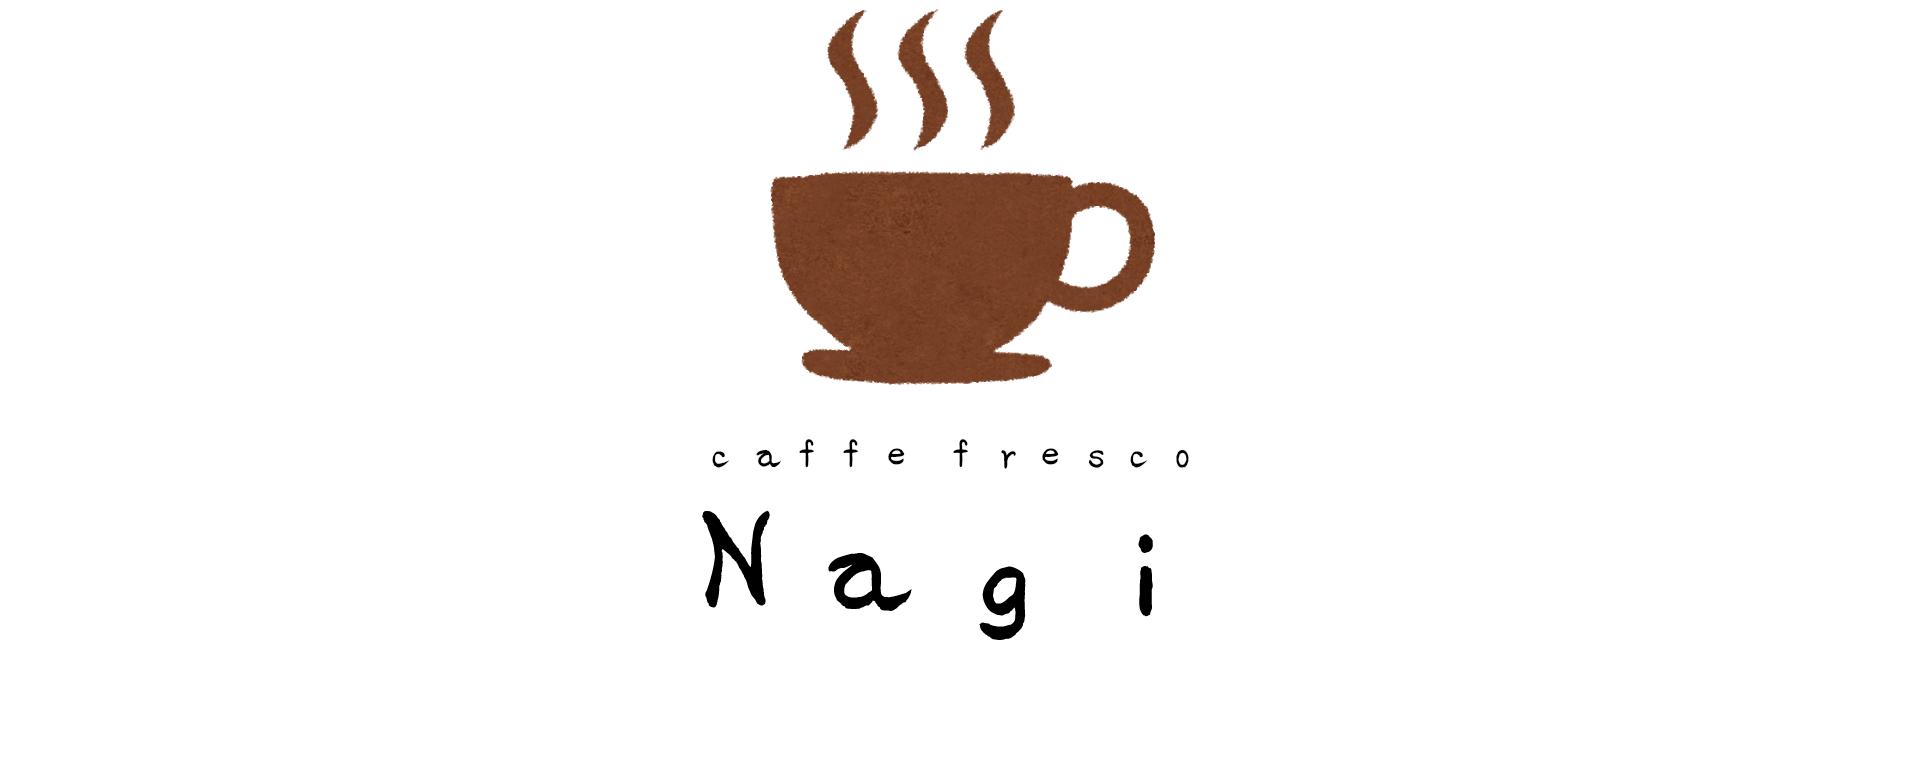 広島市西区にあるコーヒーの家庭焙煎教室 caffe fresco nagi (カフェフレスコ ナギ)